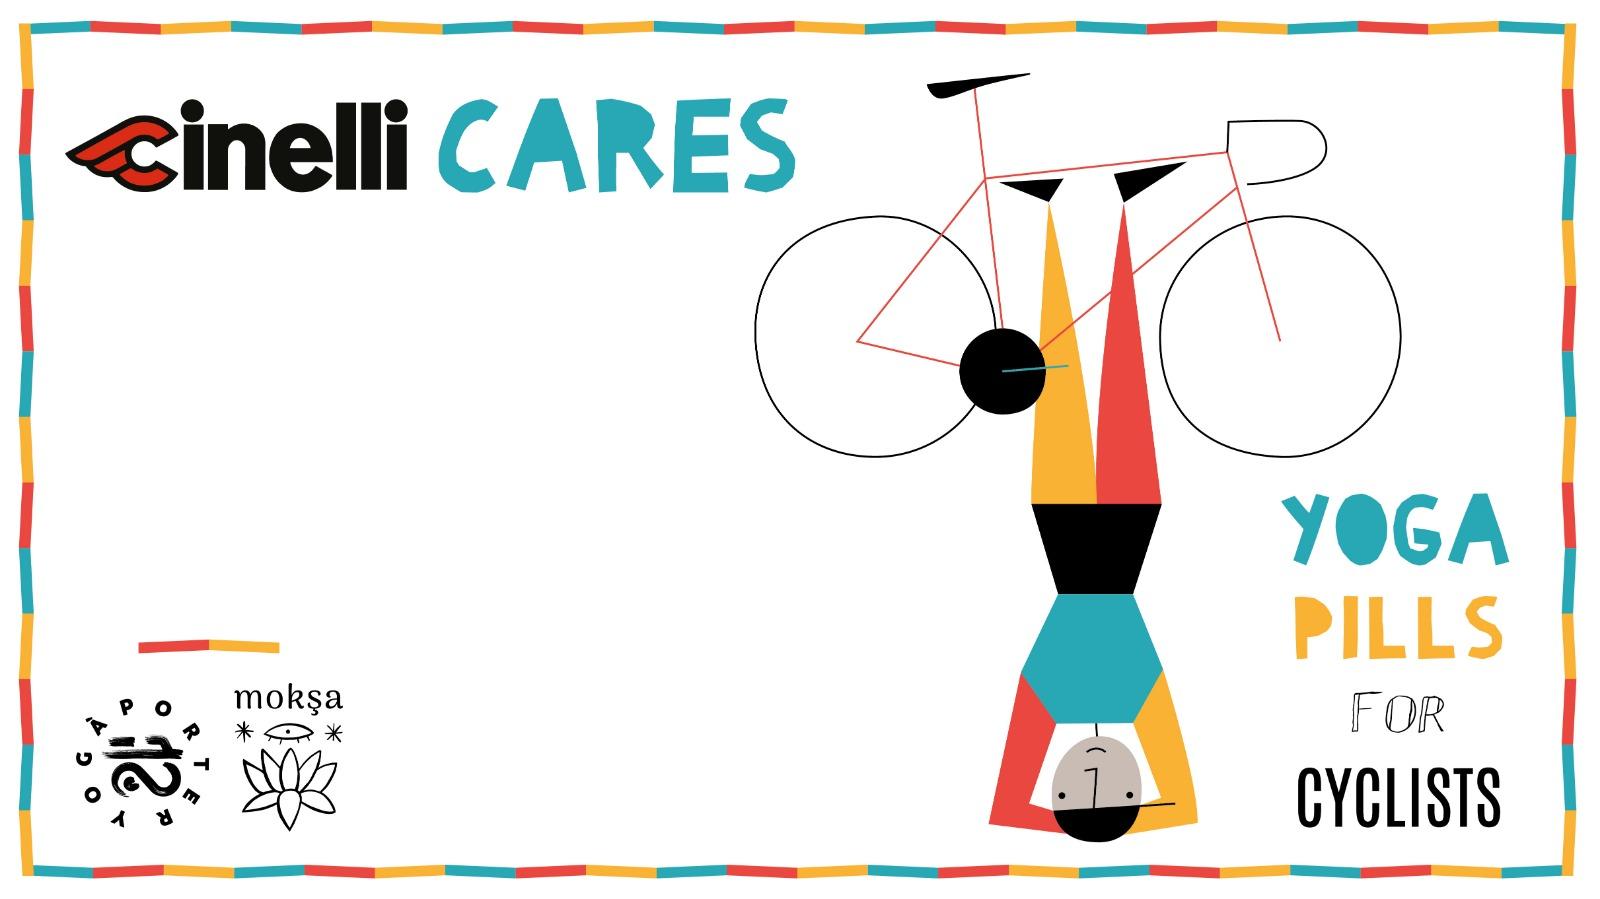 Cinelli Cares